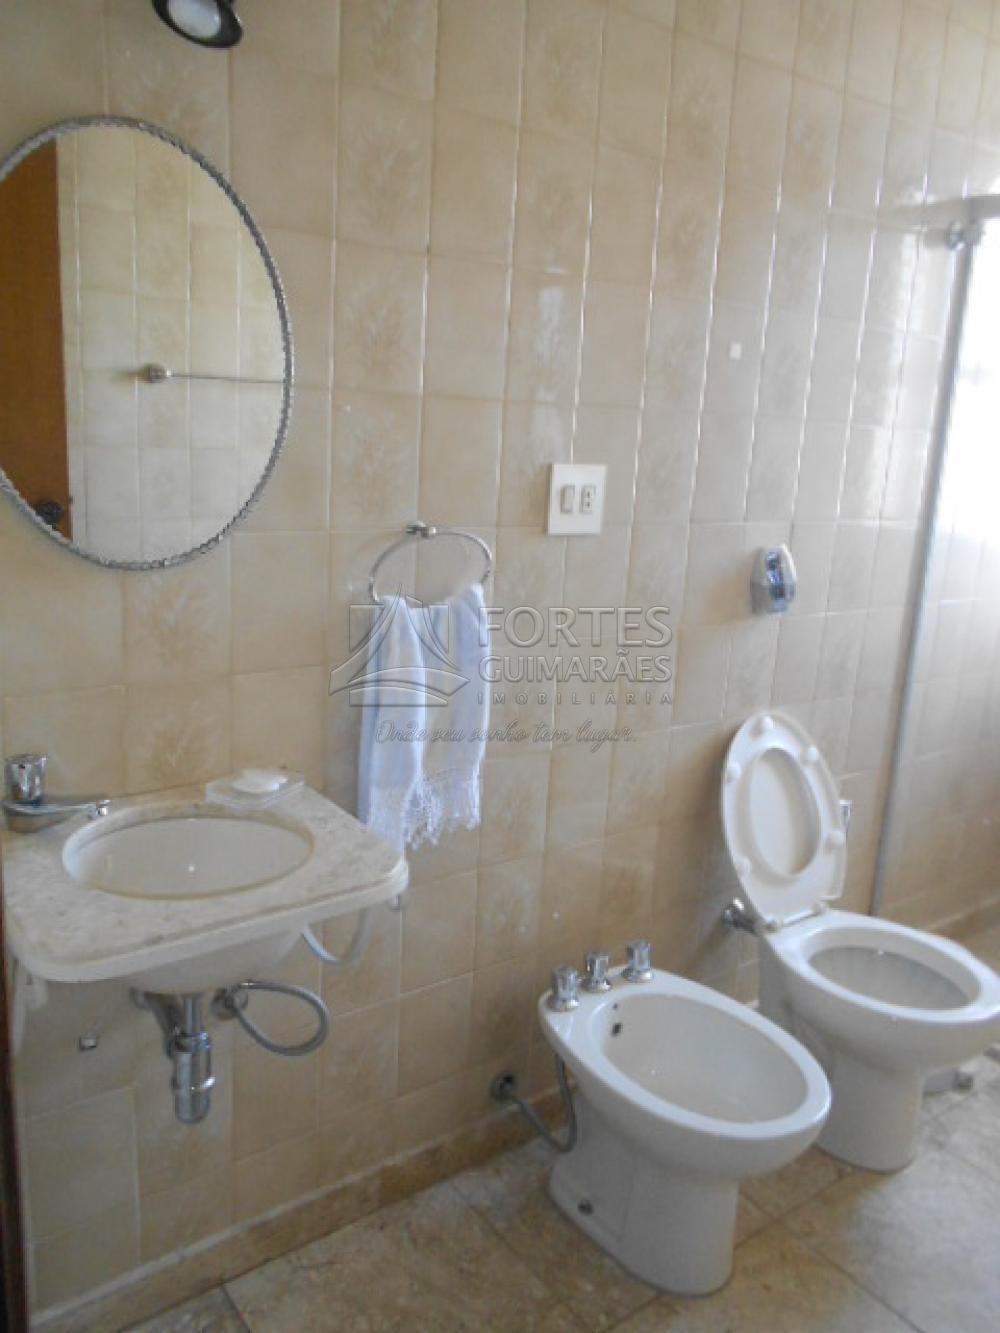 Alugar Apartamentos / Padrão em Ribeirão Preto apenas R$ 1.500,00 - Foto 43